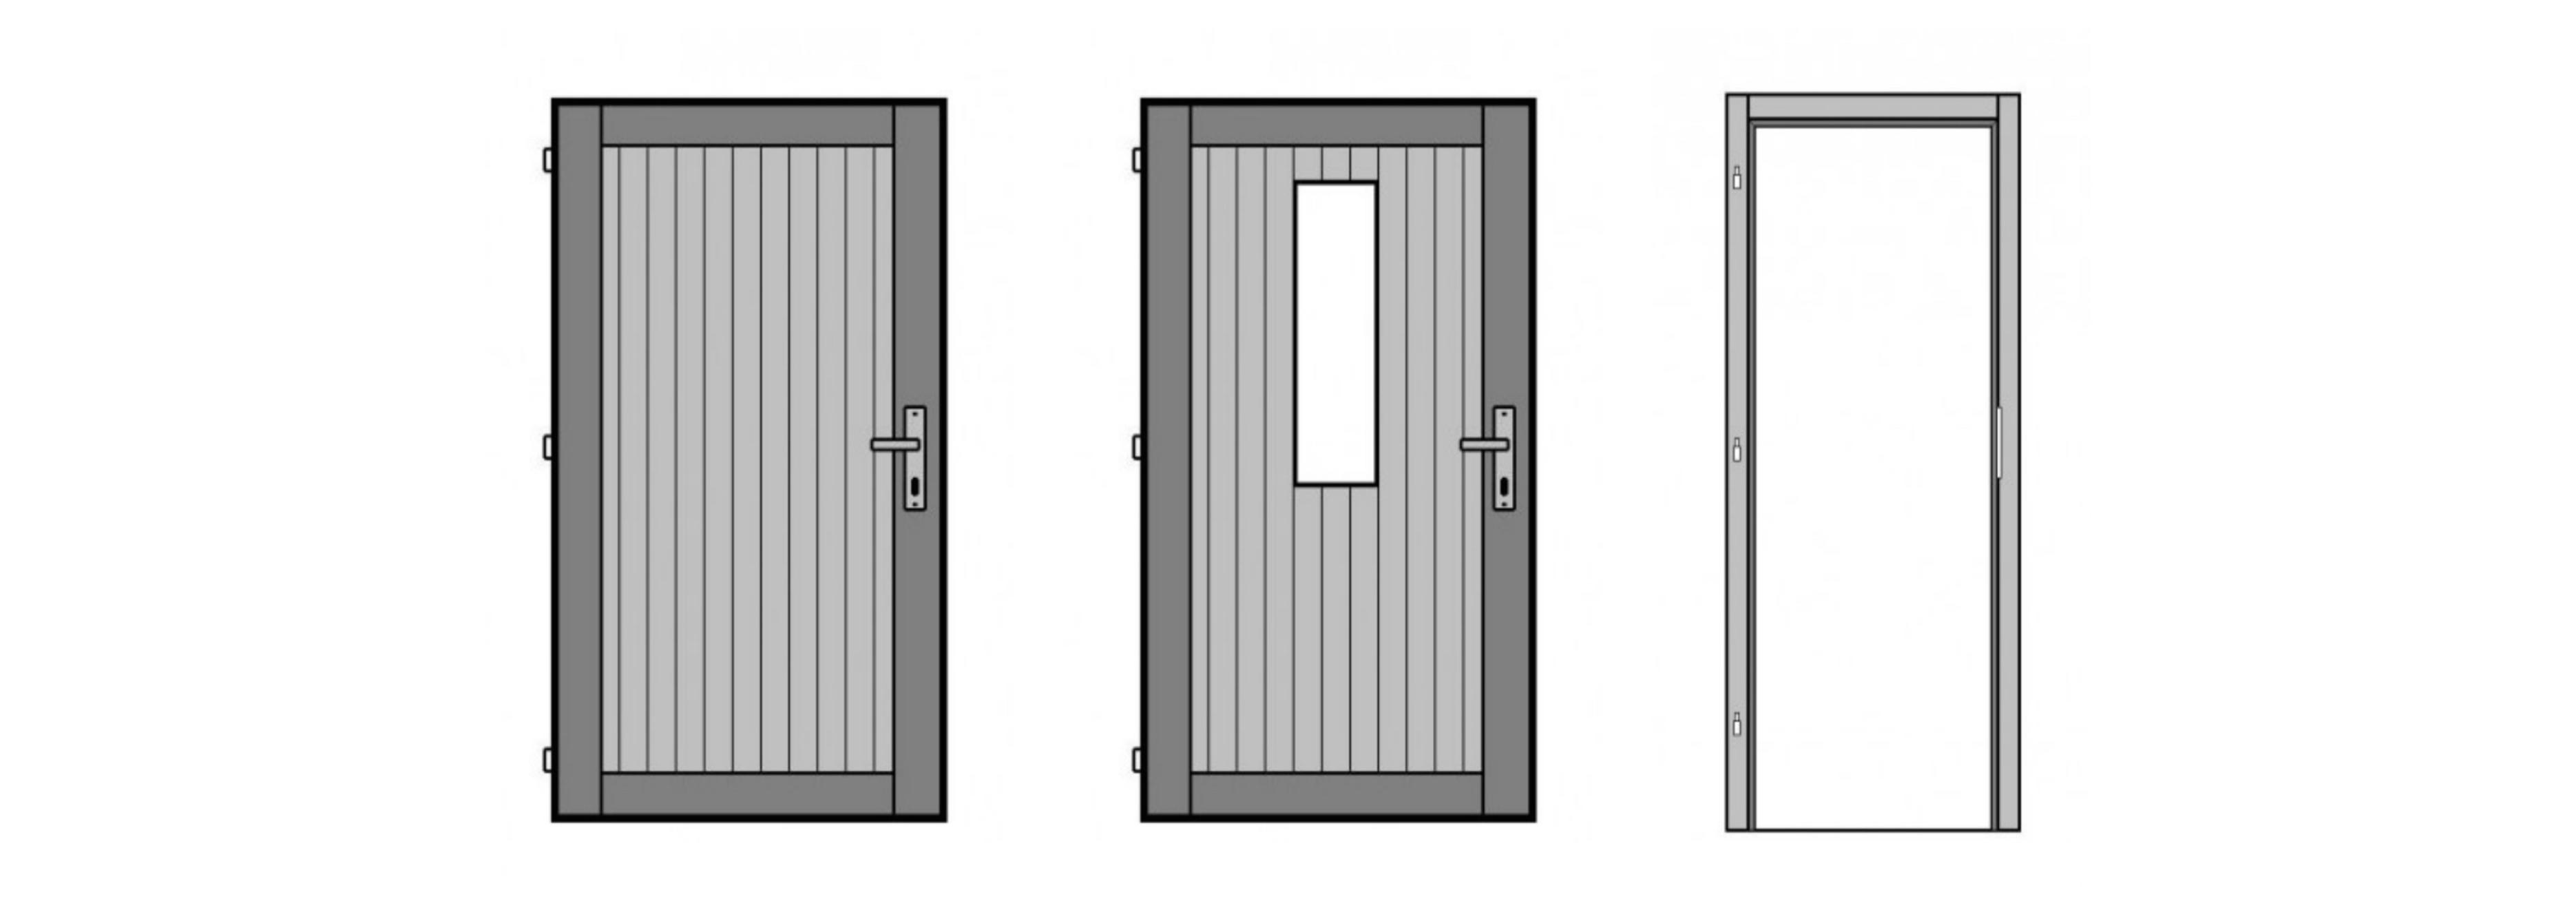 Palubkové dveře, dřevěná okna